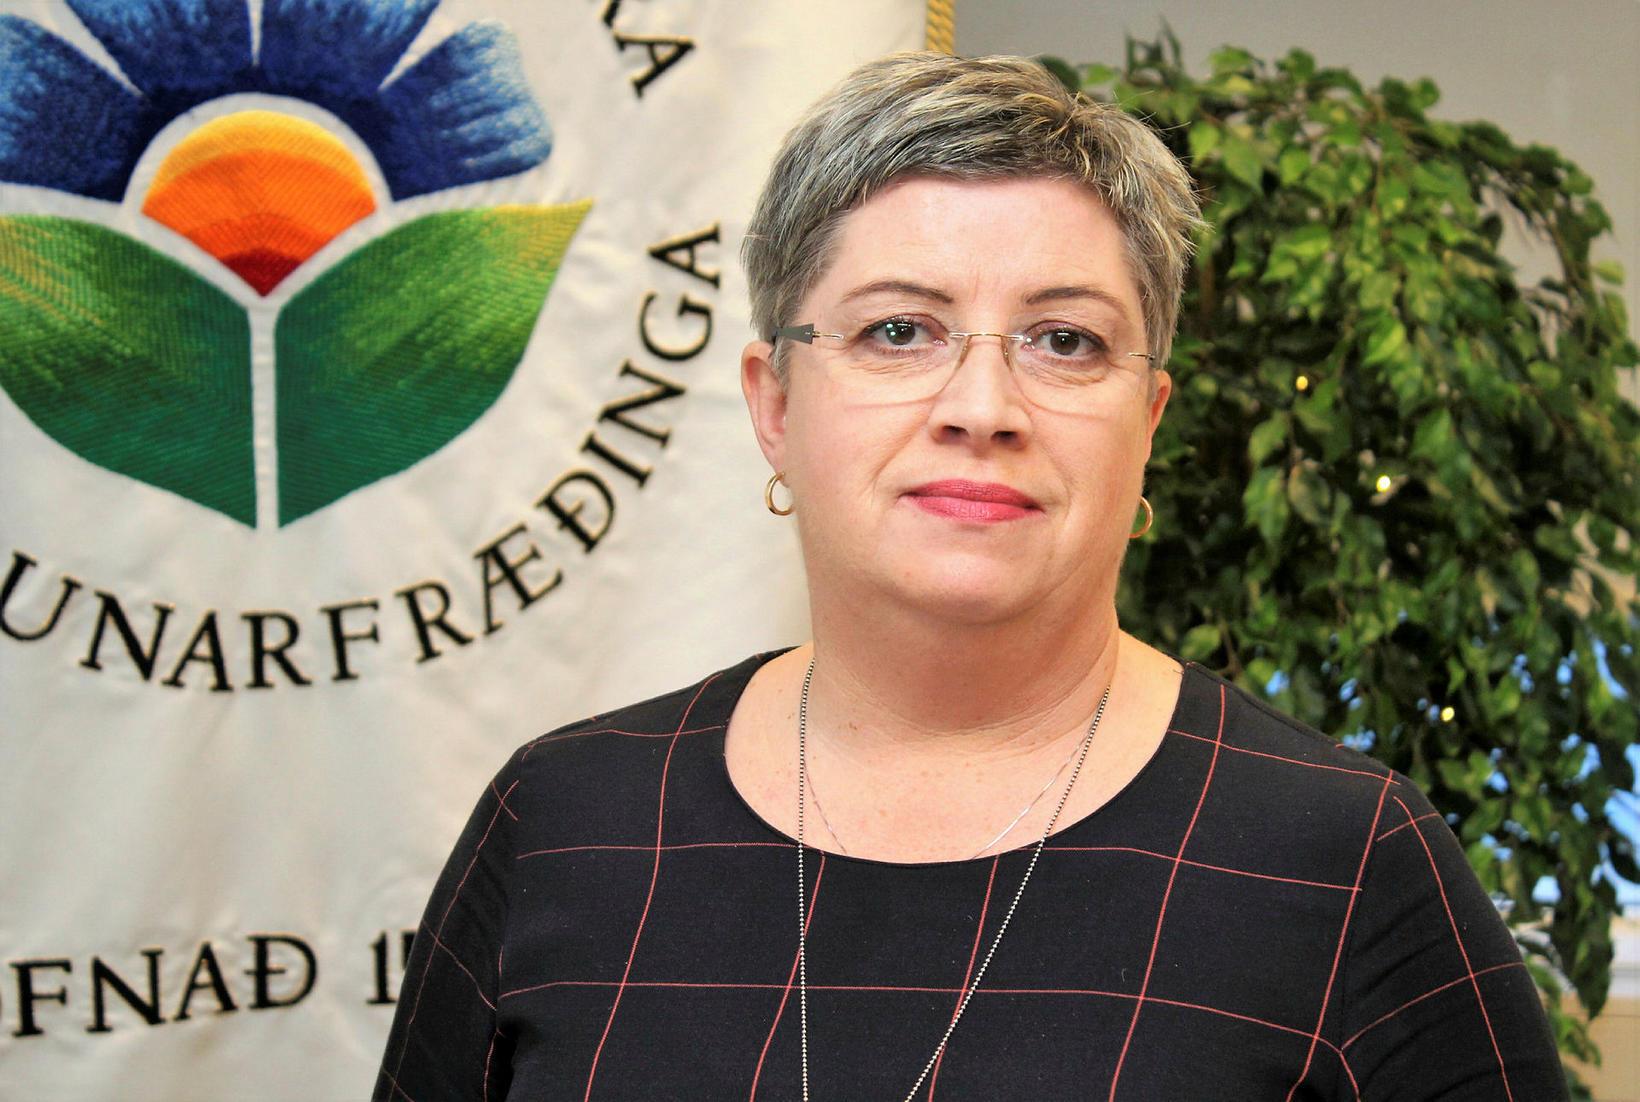 Head of the Icelandic Nurses' Association, Guðbjörg Pálsdóttir.